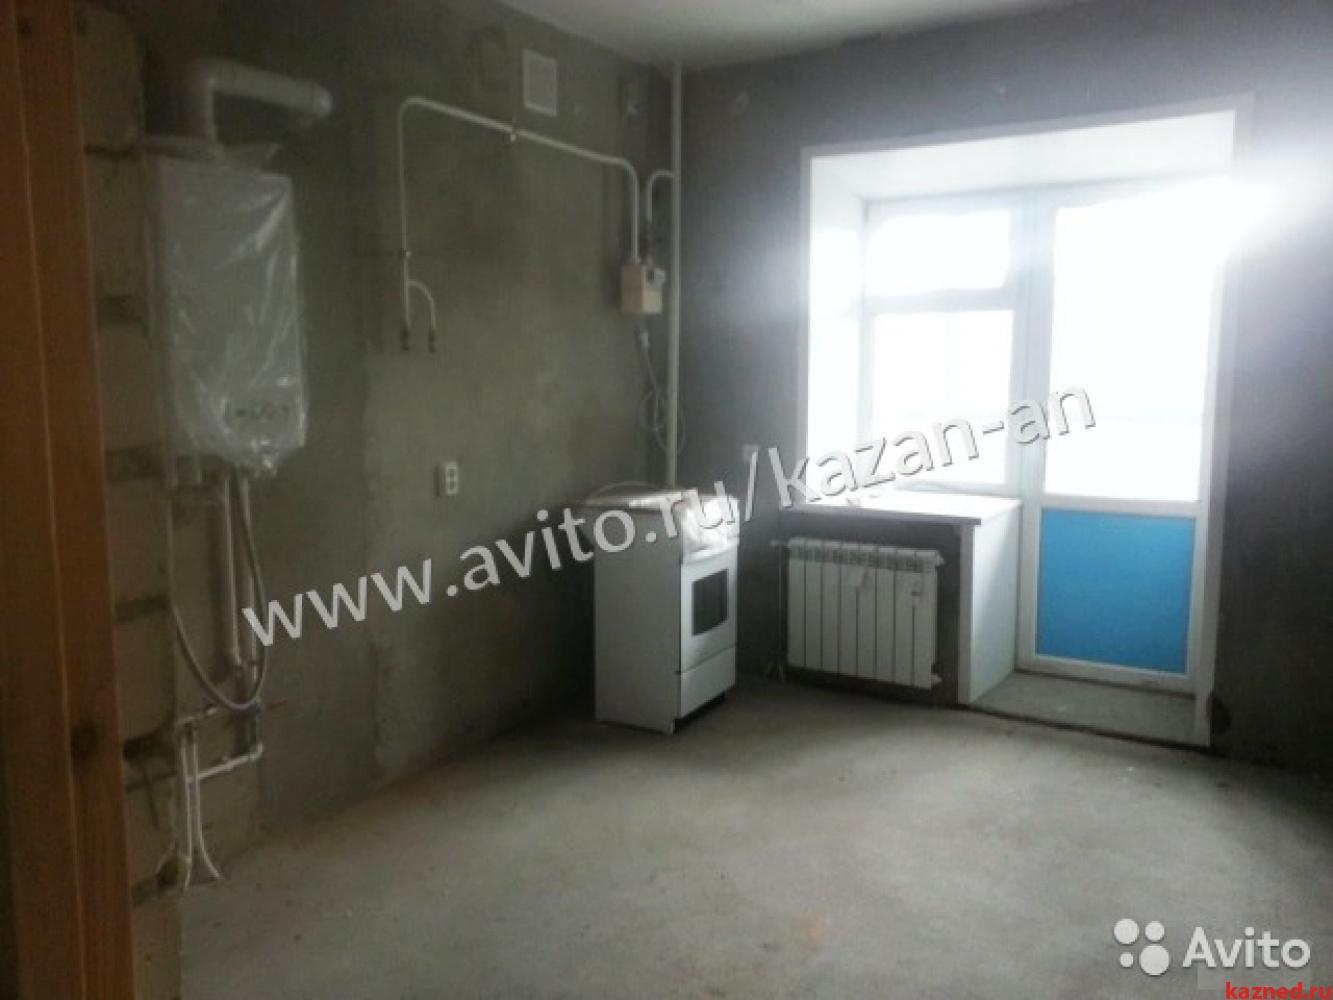 Продажа 2-к квартиры Комсомольская, д. 26, 74 м2  (миниатюра №7)